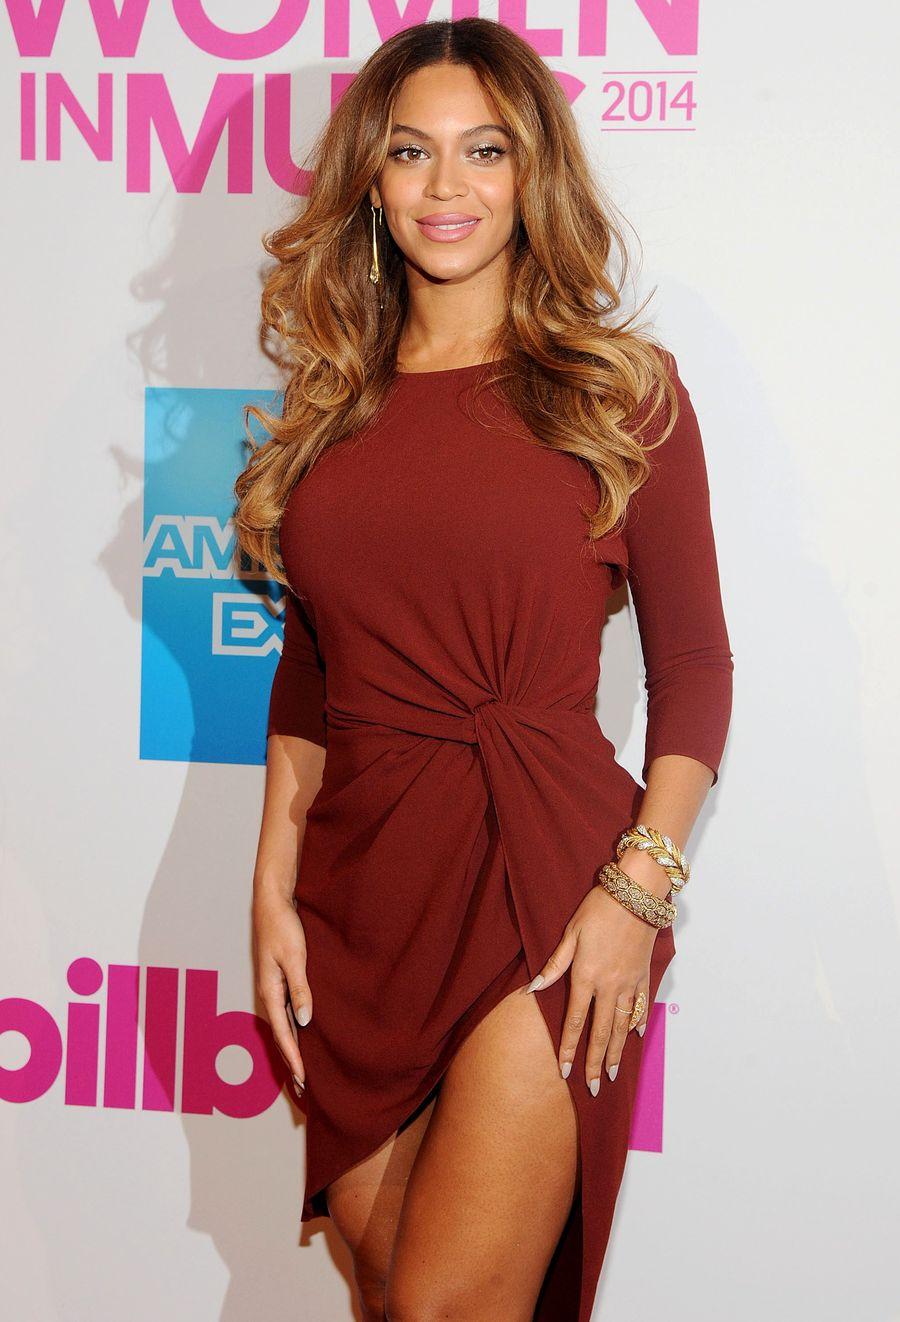 Бейонсе хвастается стройными ножками на вечеринке Billboard